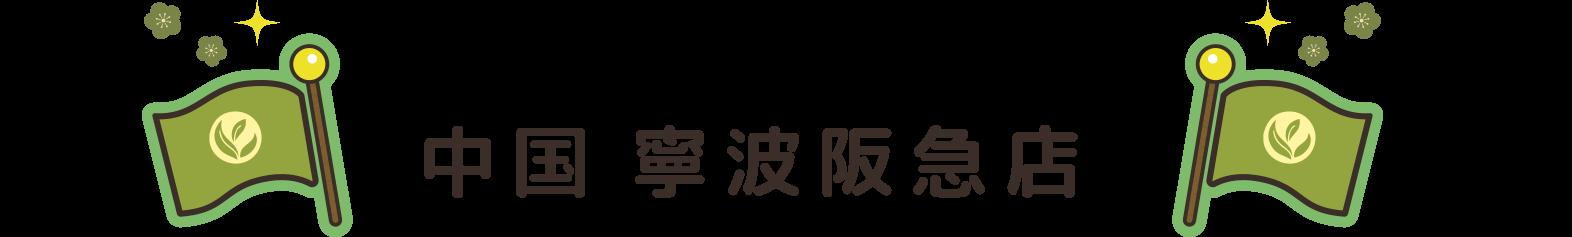 中国 寧波阪急店